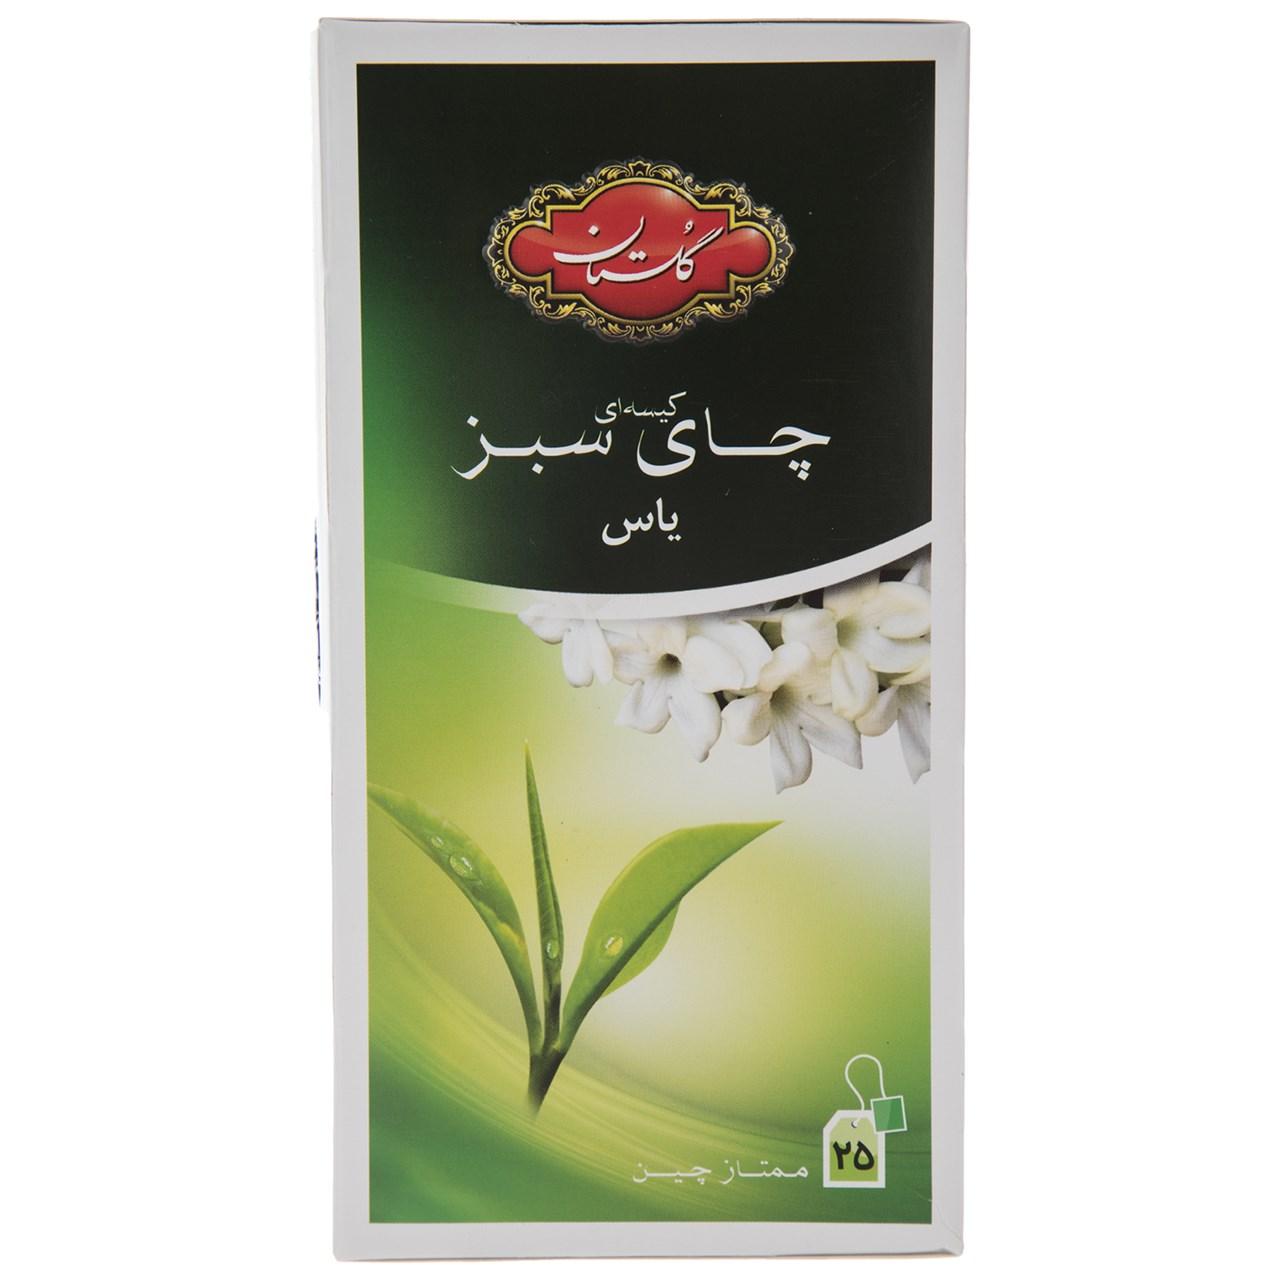 چای سبز کیسه ای گلستان  با طعم یاس بسته 25 عددی